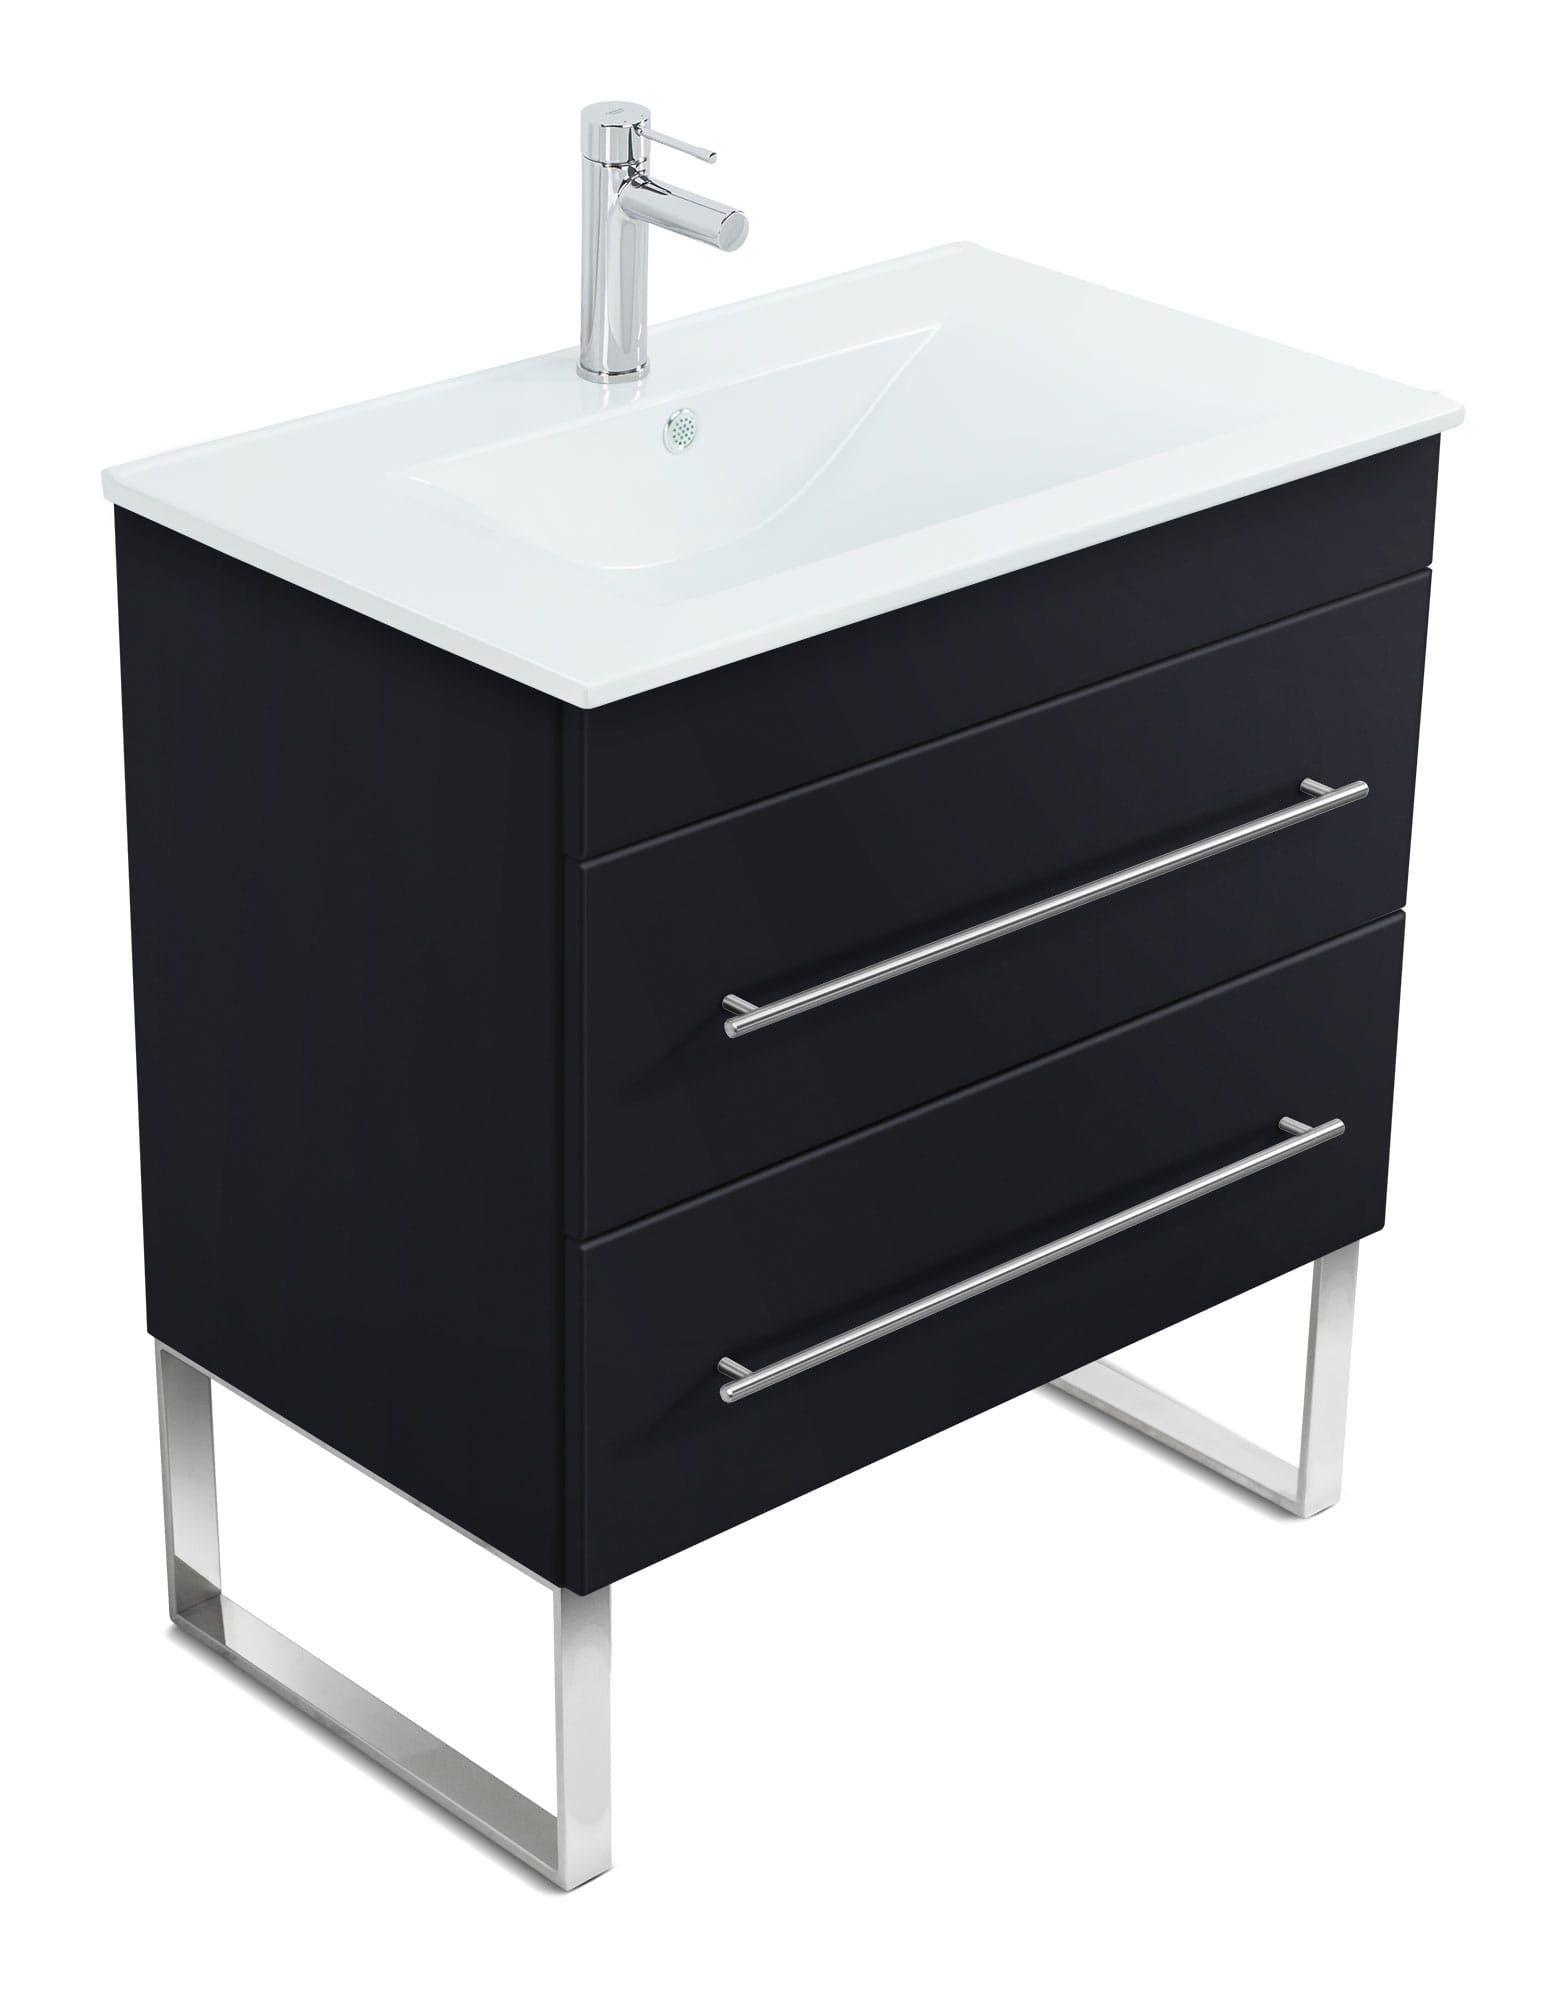 Stand Badmobel Casa Infinity 750 Schwarz Seidenglanz In 2020 Unterschrank Badunterschrank Waschtischunterschrank